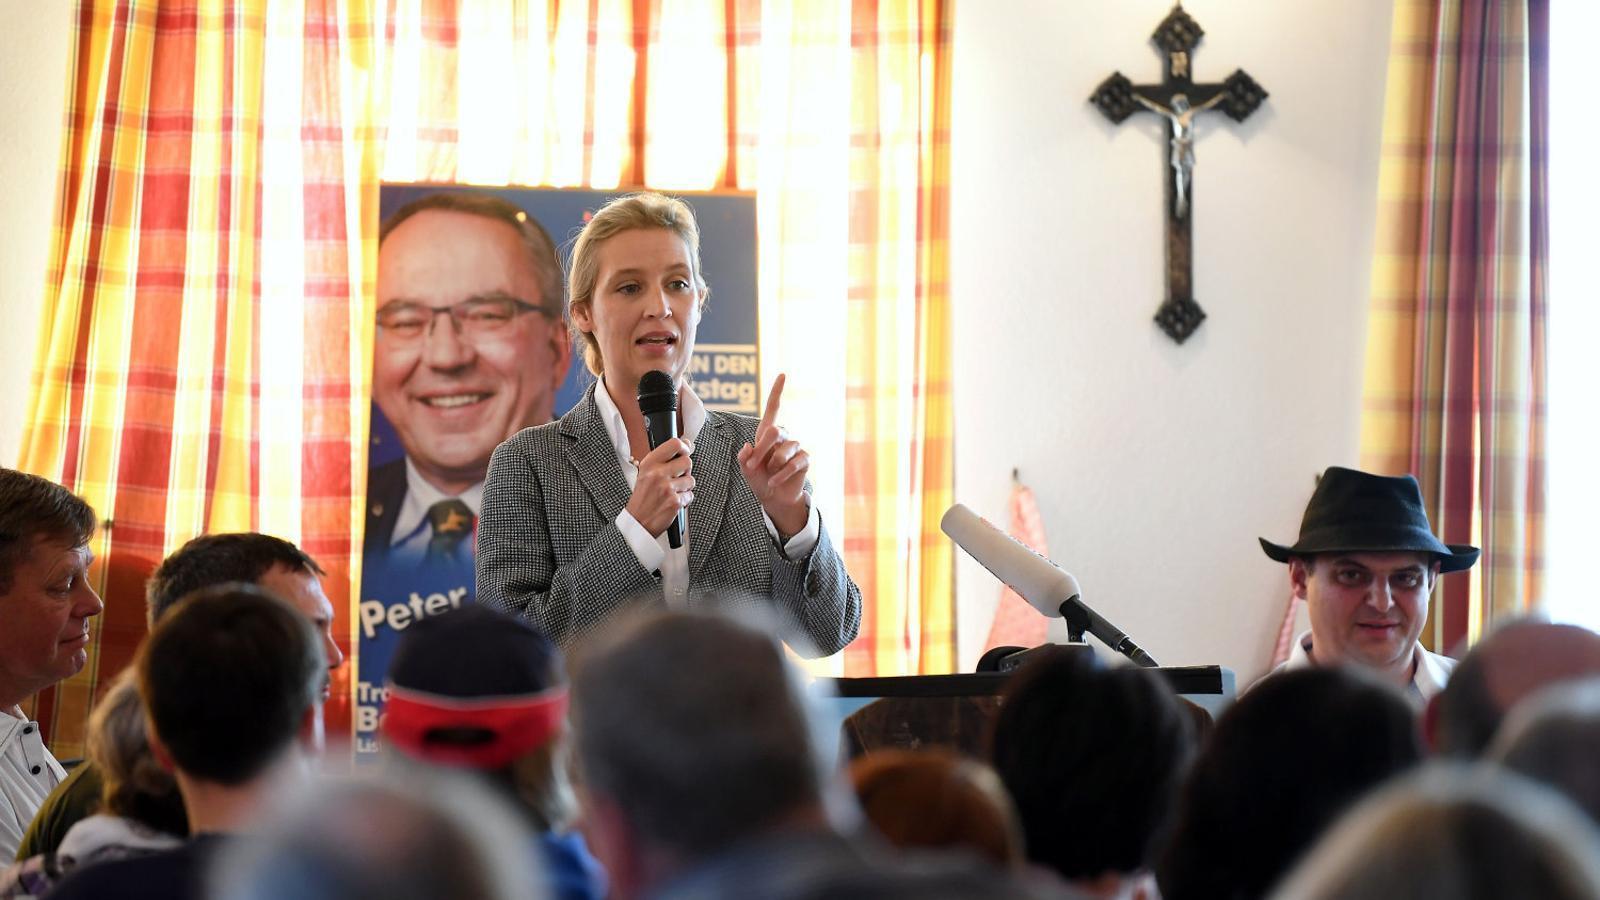 La líder del partit xenòfob Alternativa per a Alemanya (AfD) a Baviera, Alice Weidel, en un míting de campanya.